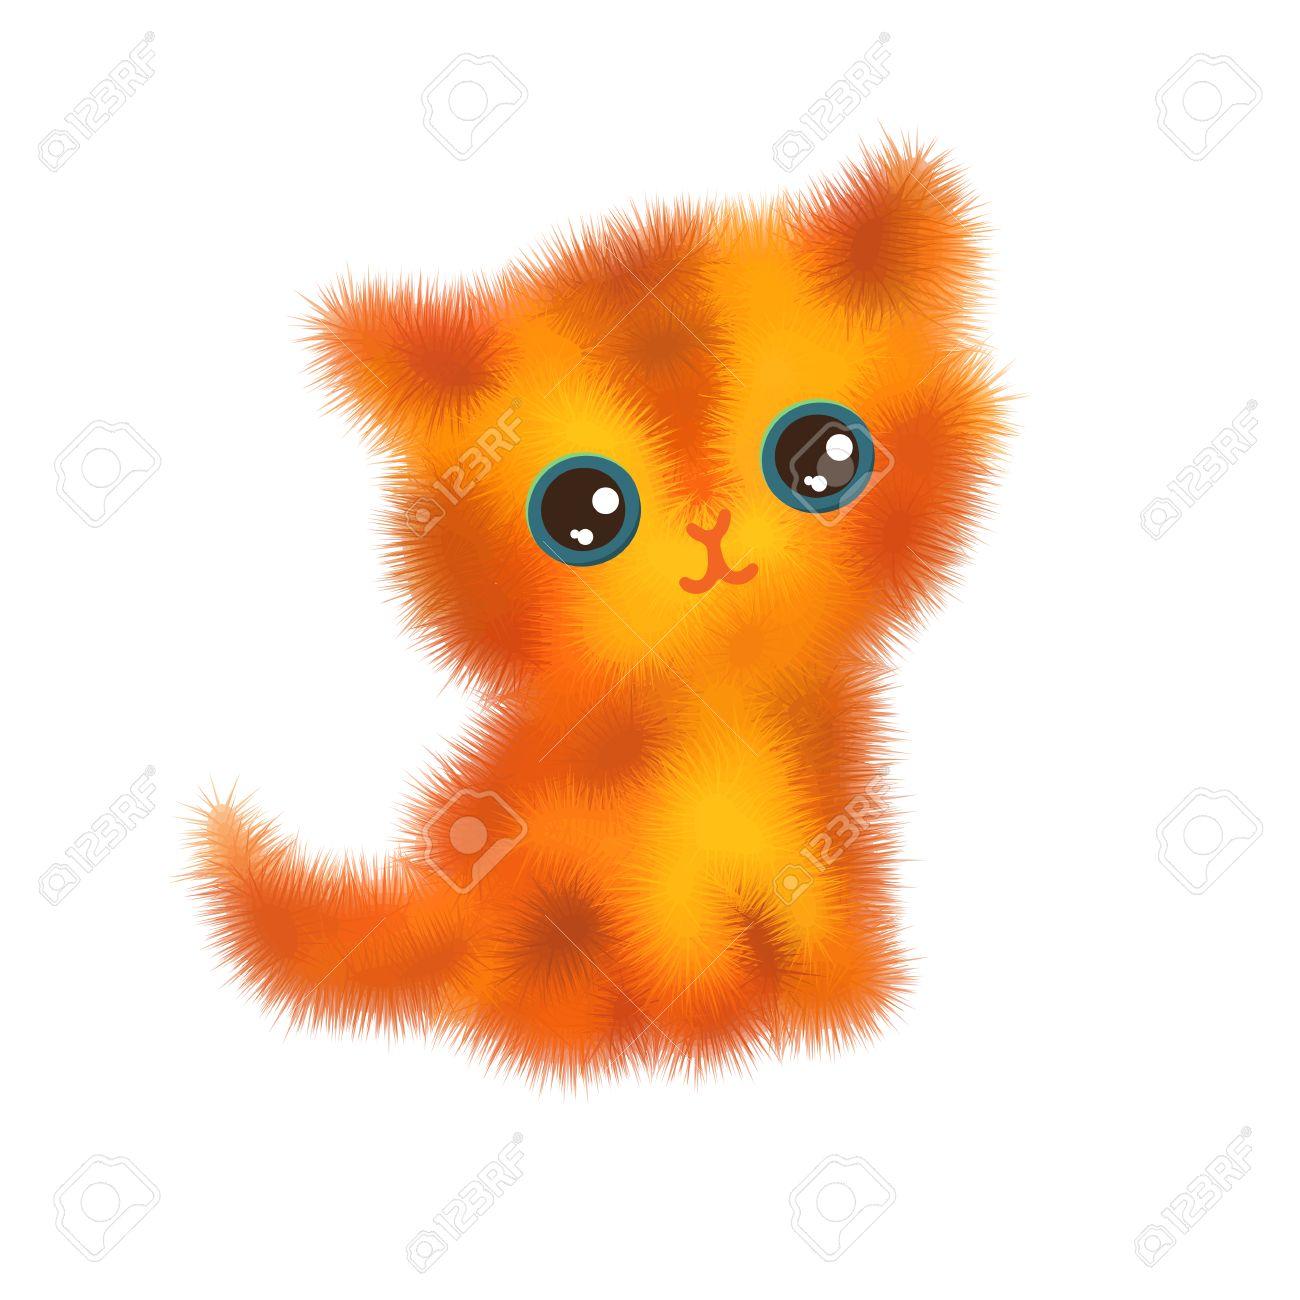 Ilustración De Dibujos Animados Divertidos Gatitos Gato Esponjoso